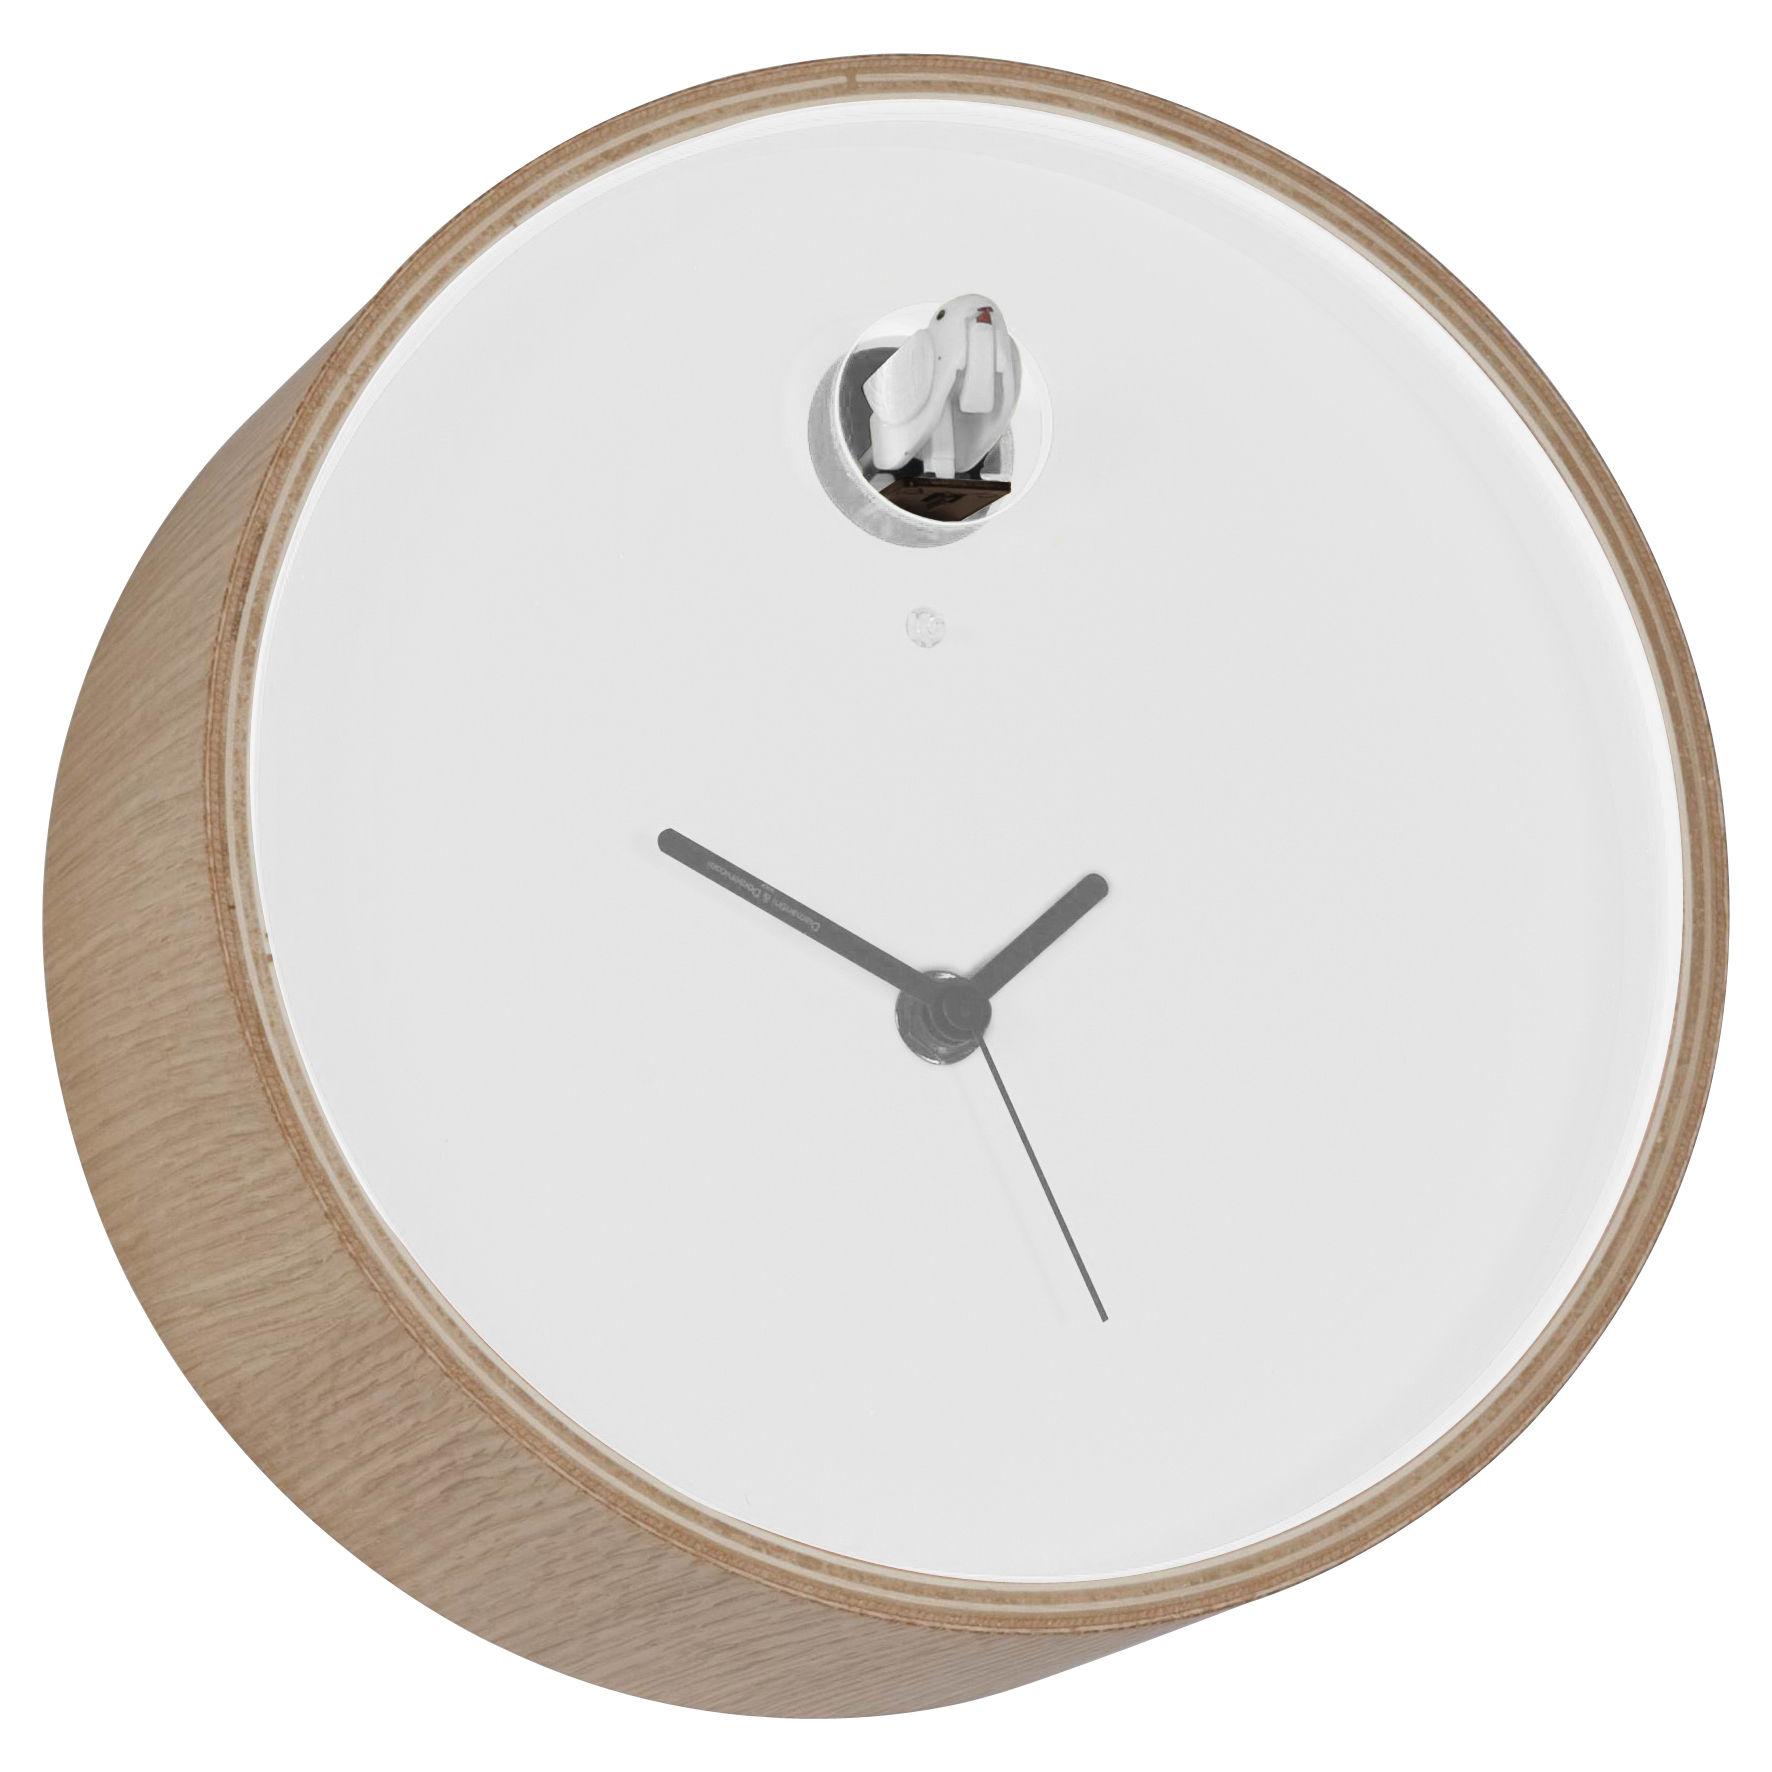 Déco - Horloges  - Horloge murale Plex à coucou - Diamantini & Domeniconi - Cadre bois / cadran blanc - Multiplis de bouleau laqué, Plexiglas